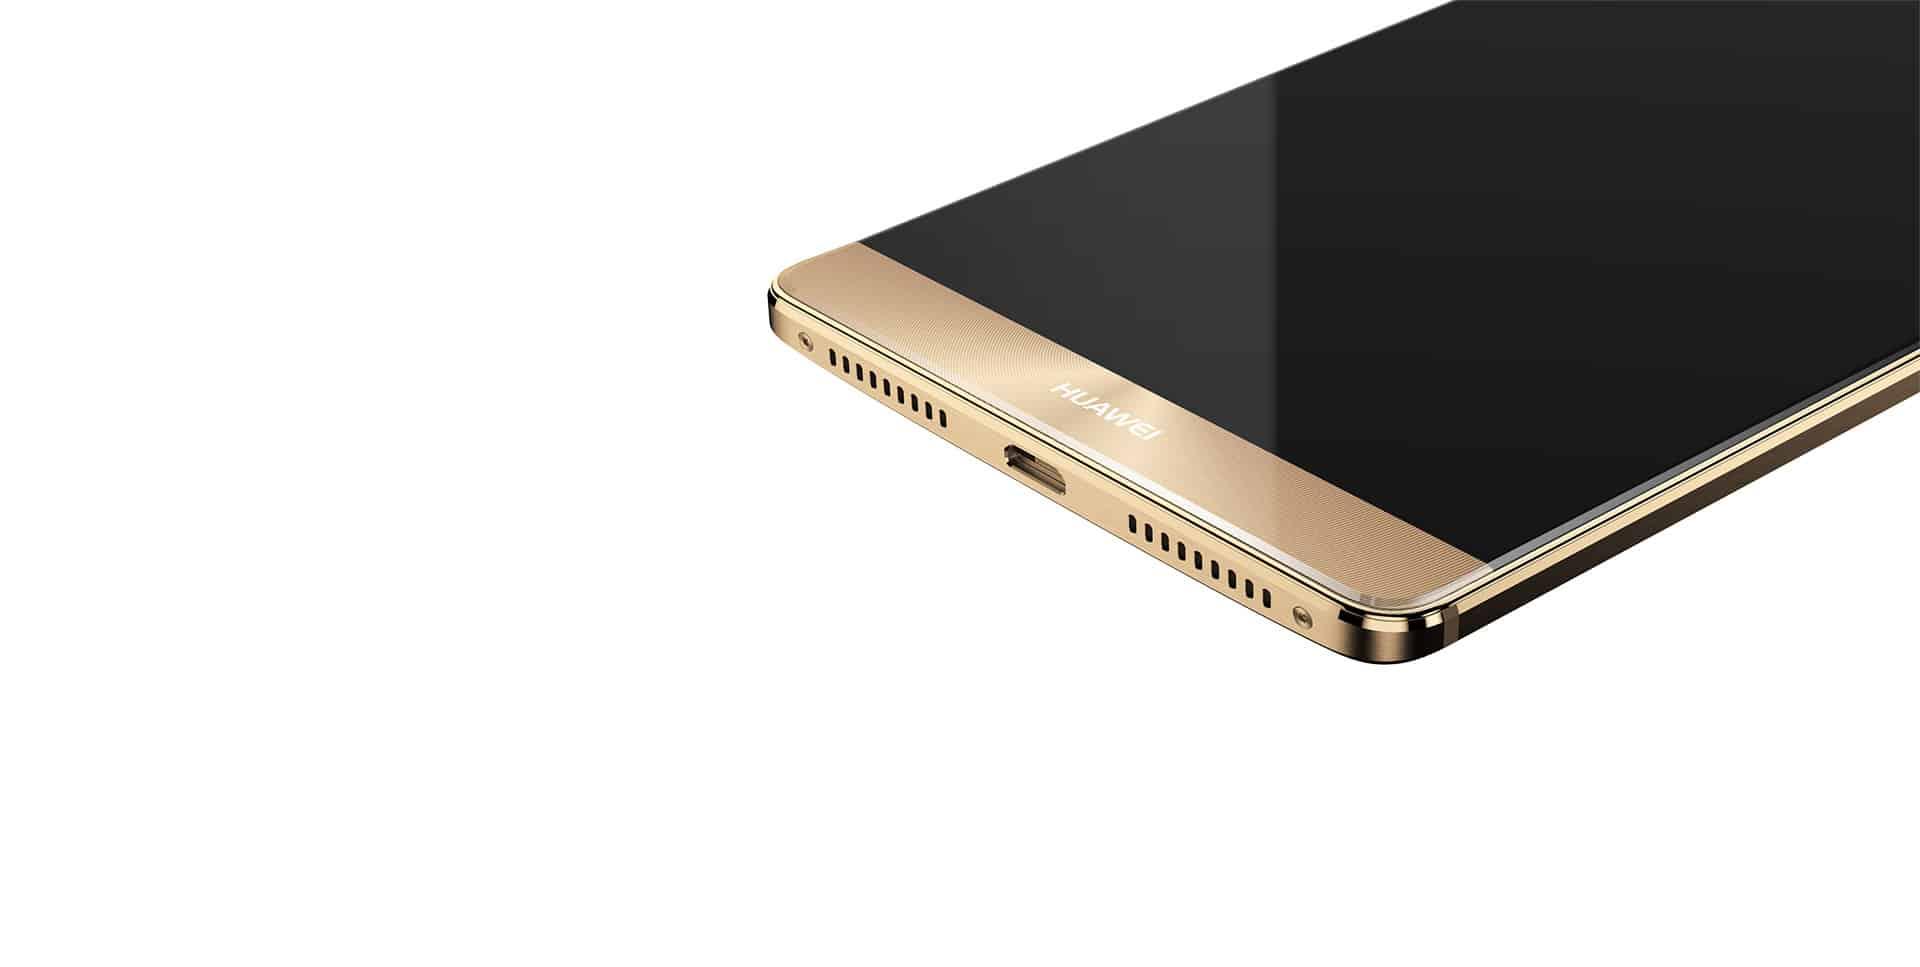 Huawei Mate 8 211